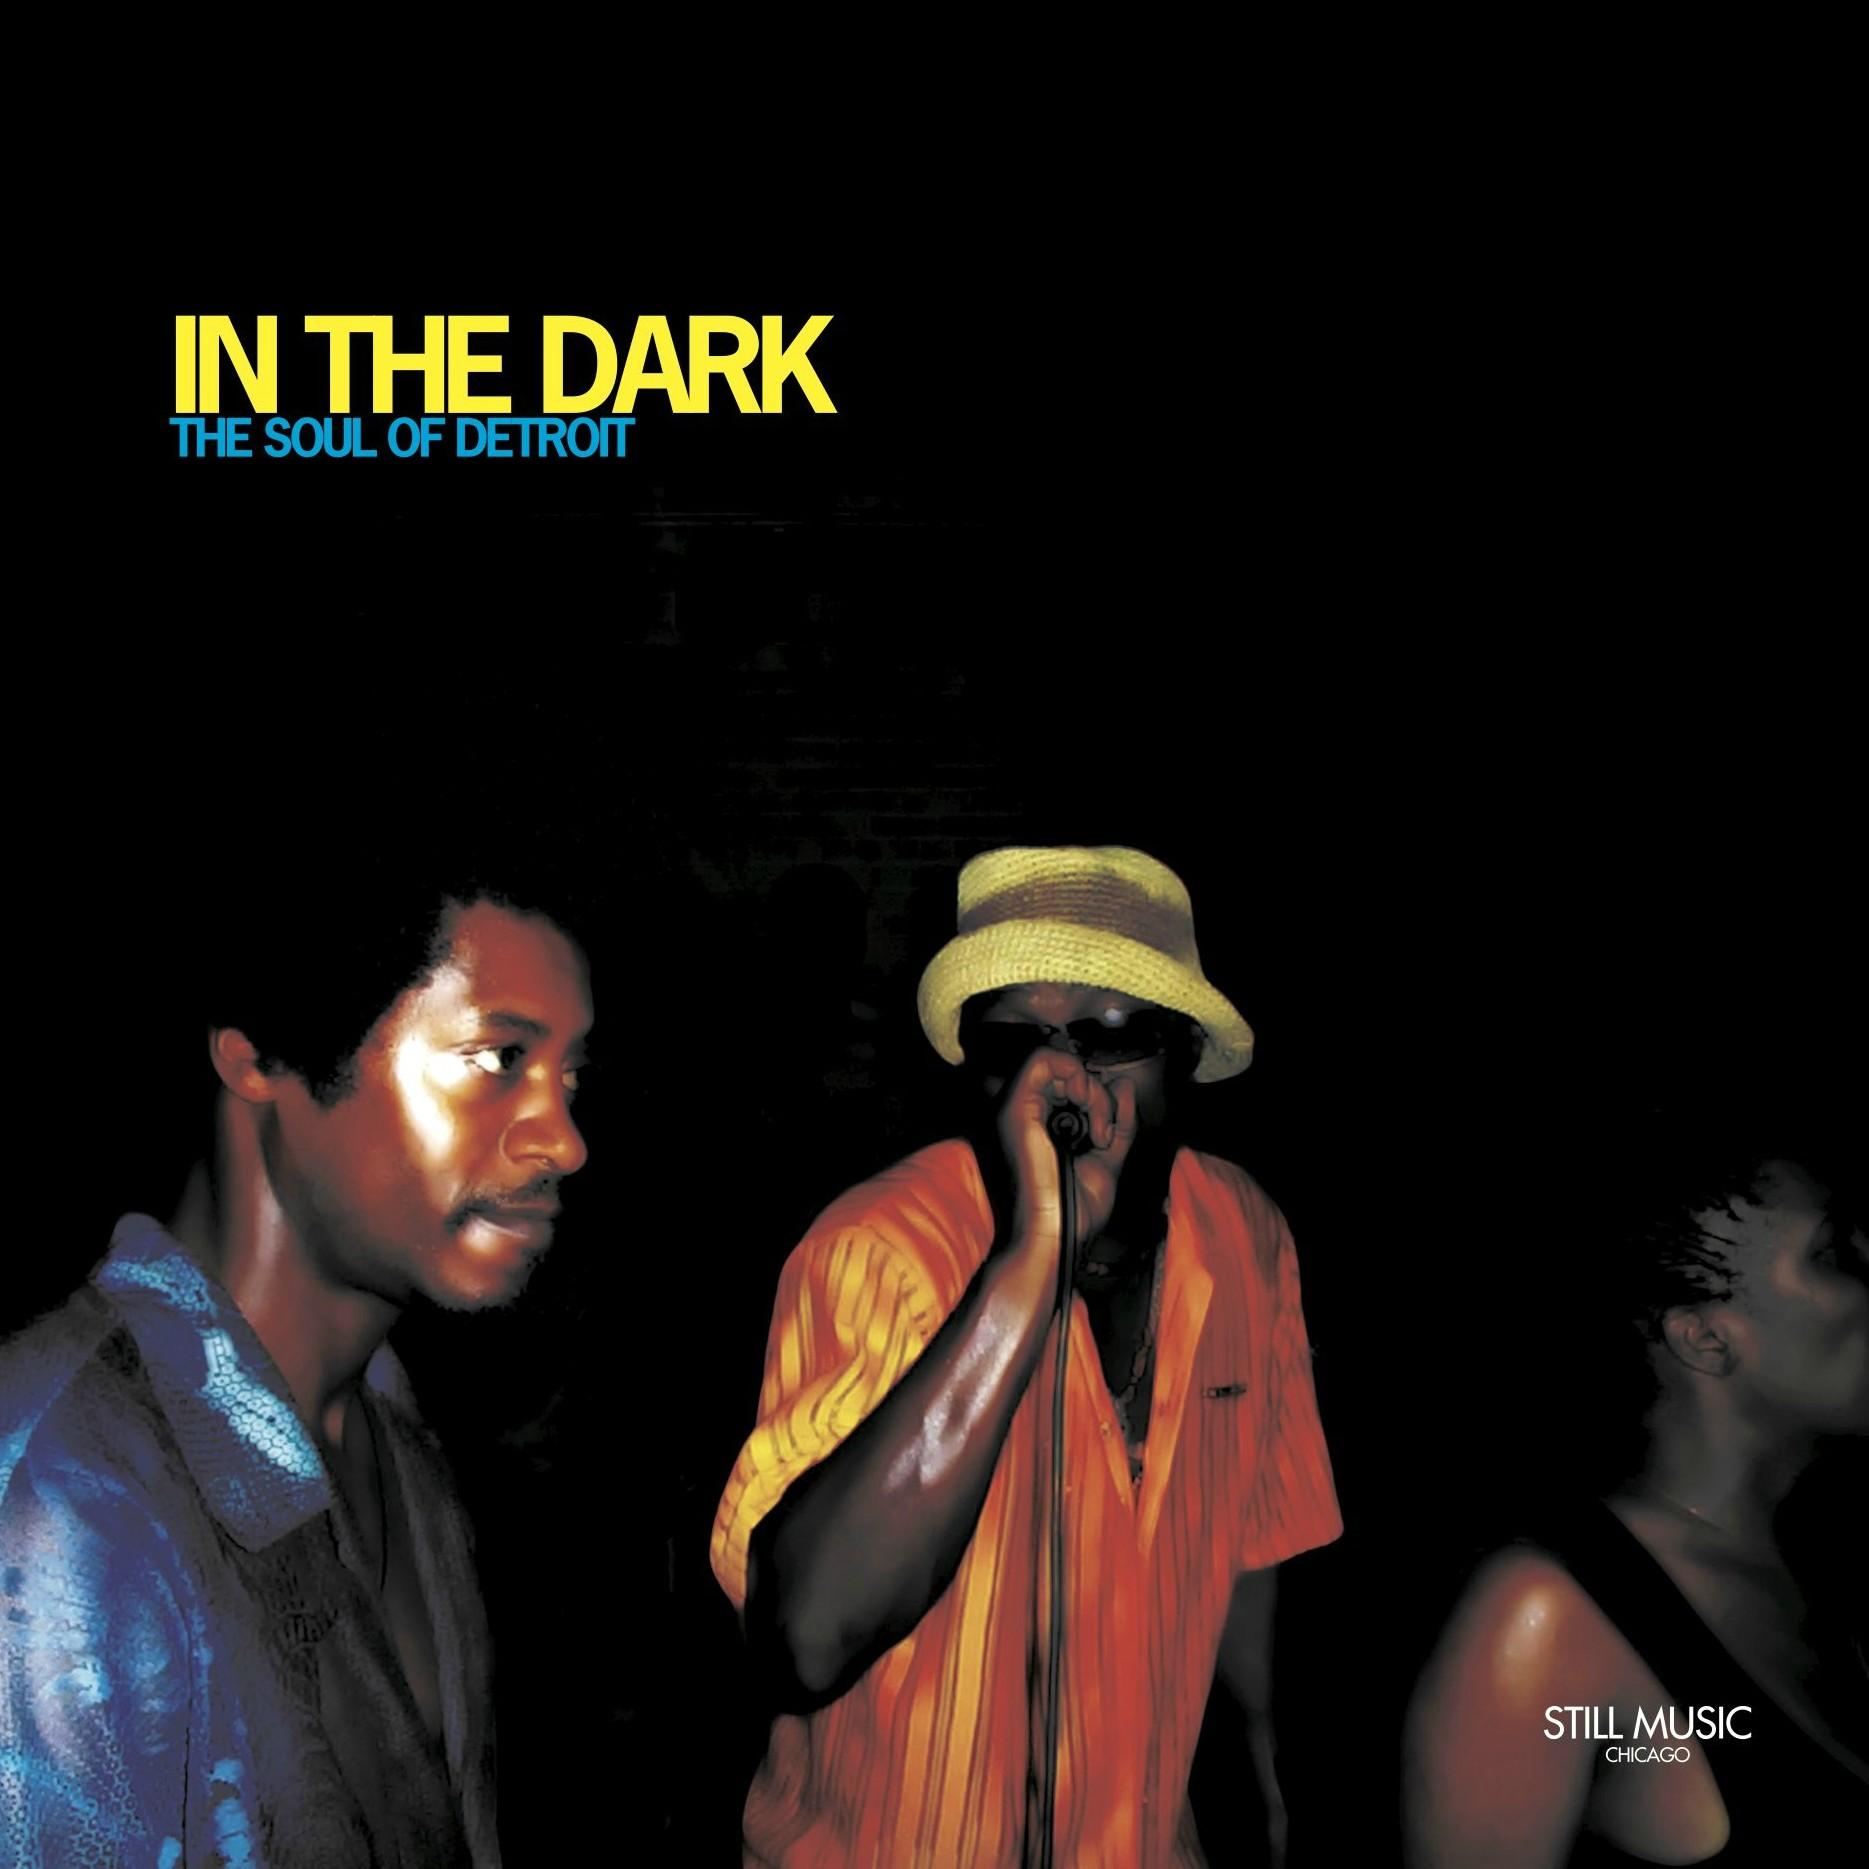 Дополнительный тираж «In The Dark: The Soul Of Detroit» вновь приоткроет завесу тайны над детройтским андерграундом